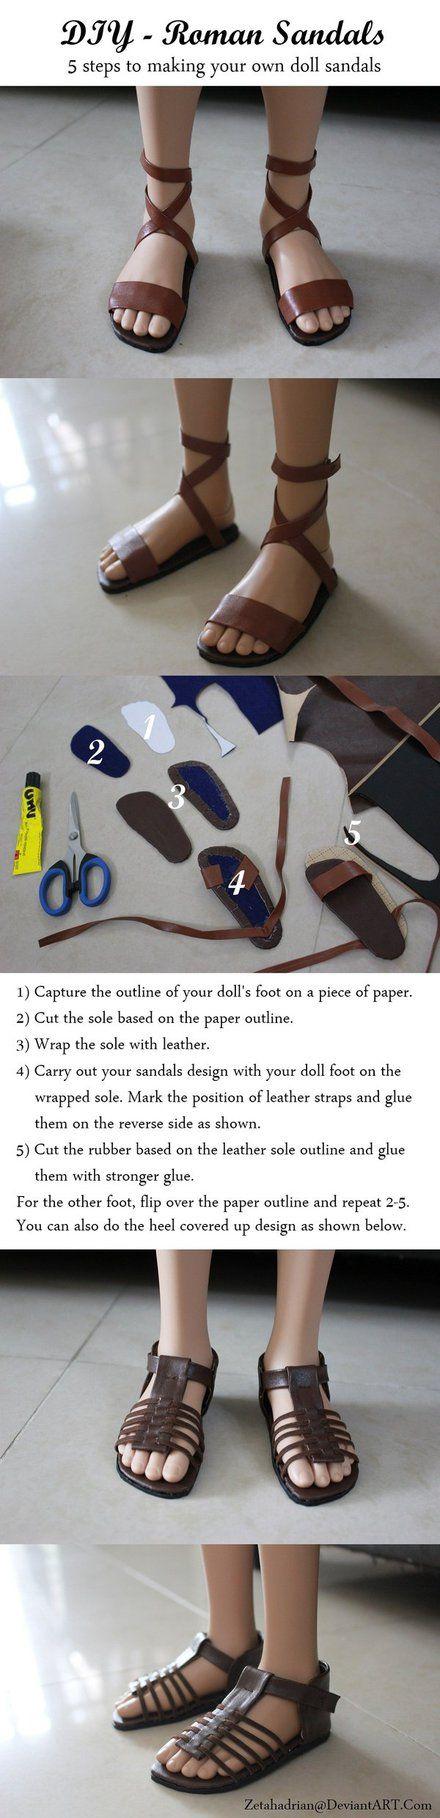 """Tuto pour réaliser des sandales simples type romaines ou pour """"frère Tuck"""". Je trouve le premier modèle simple et intéressant."""